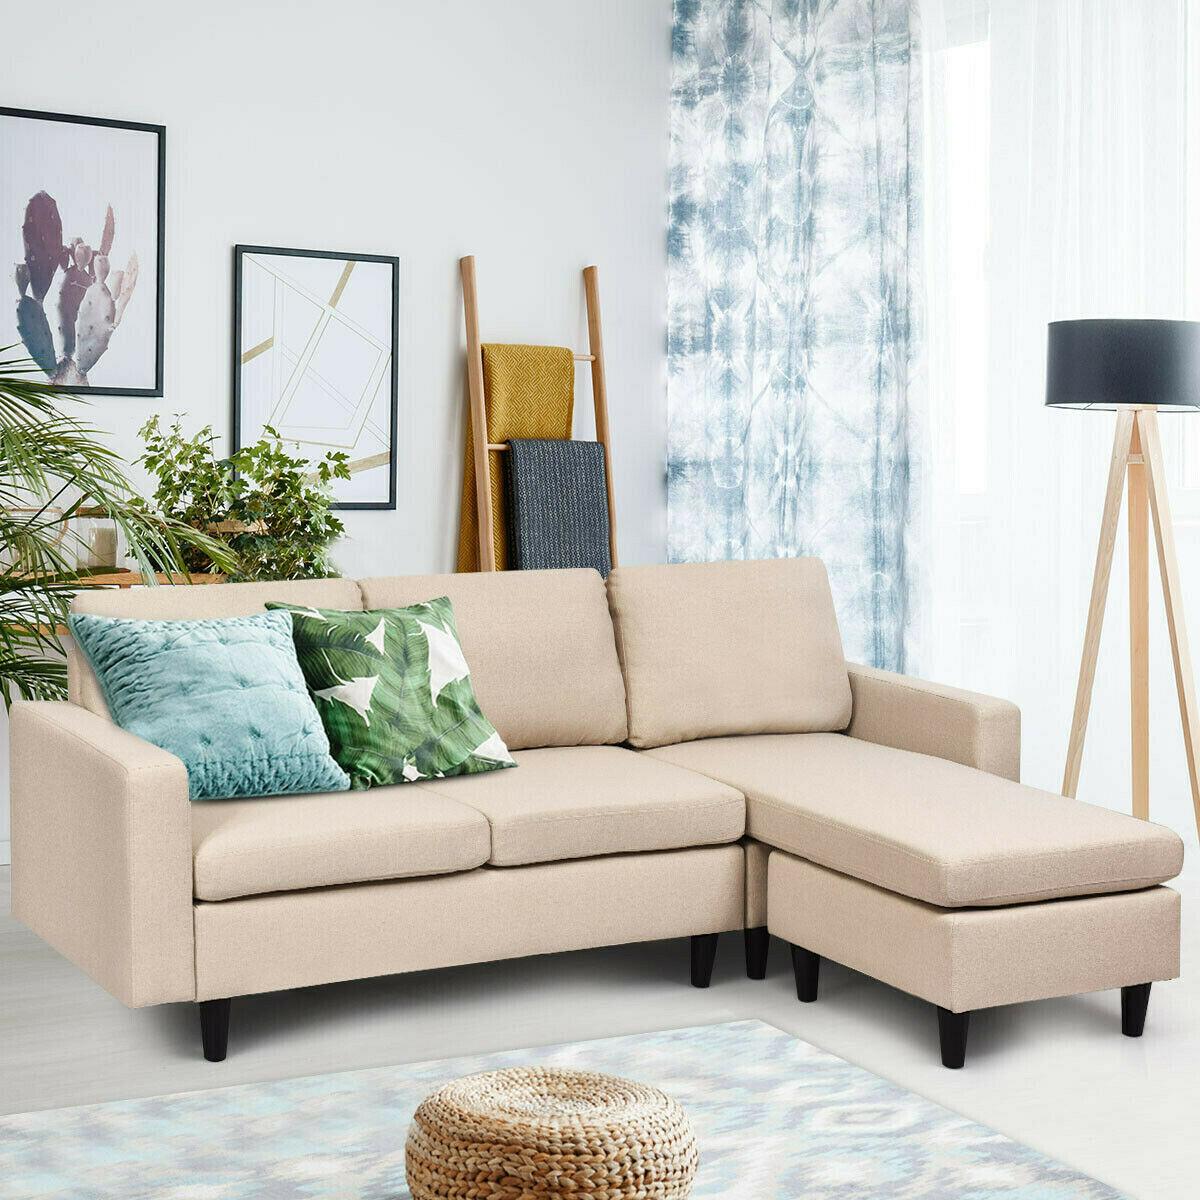 Contek Ide Desain Sofa Minimalis Untuk Ruang Tamu Mungil Di Rumah Artikel Spacestock